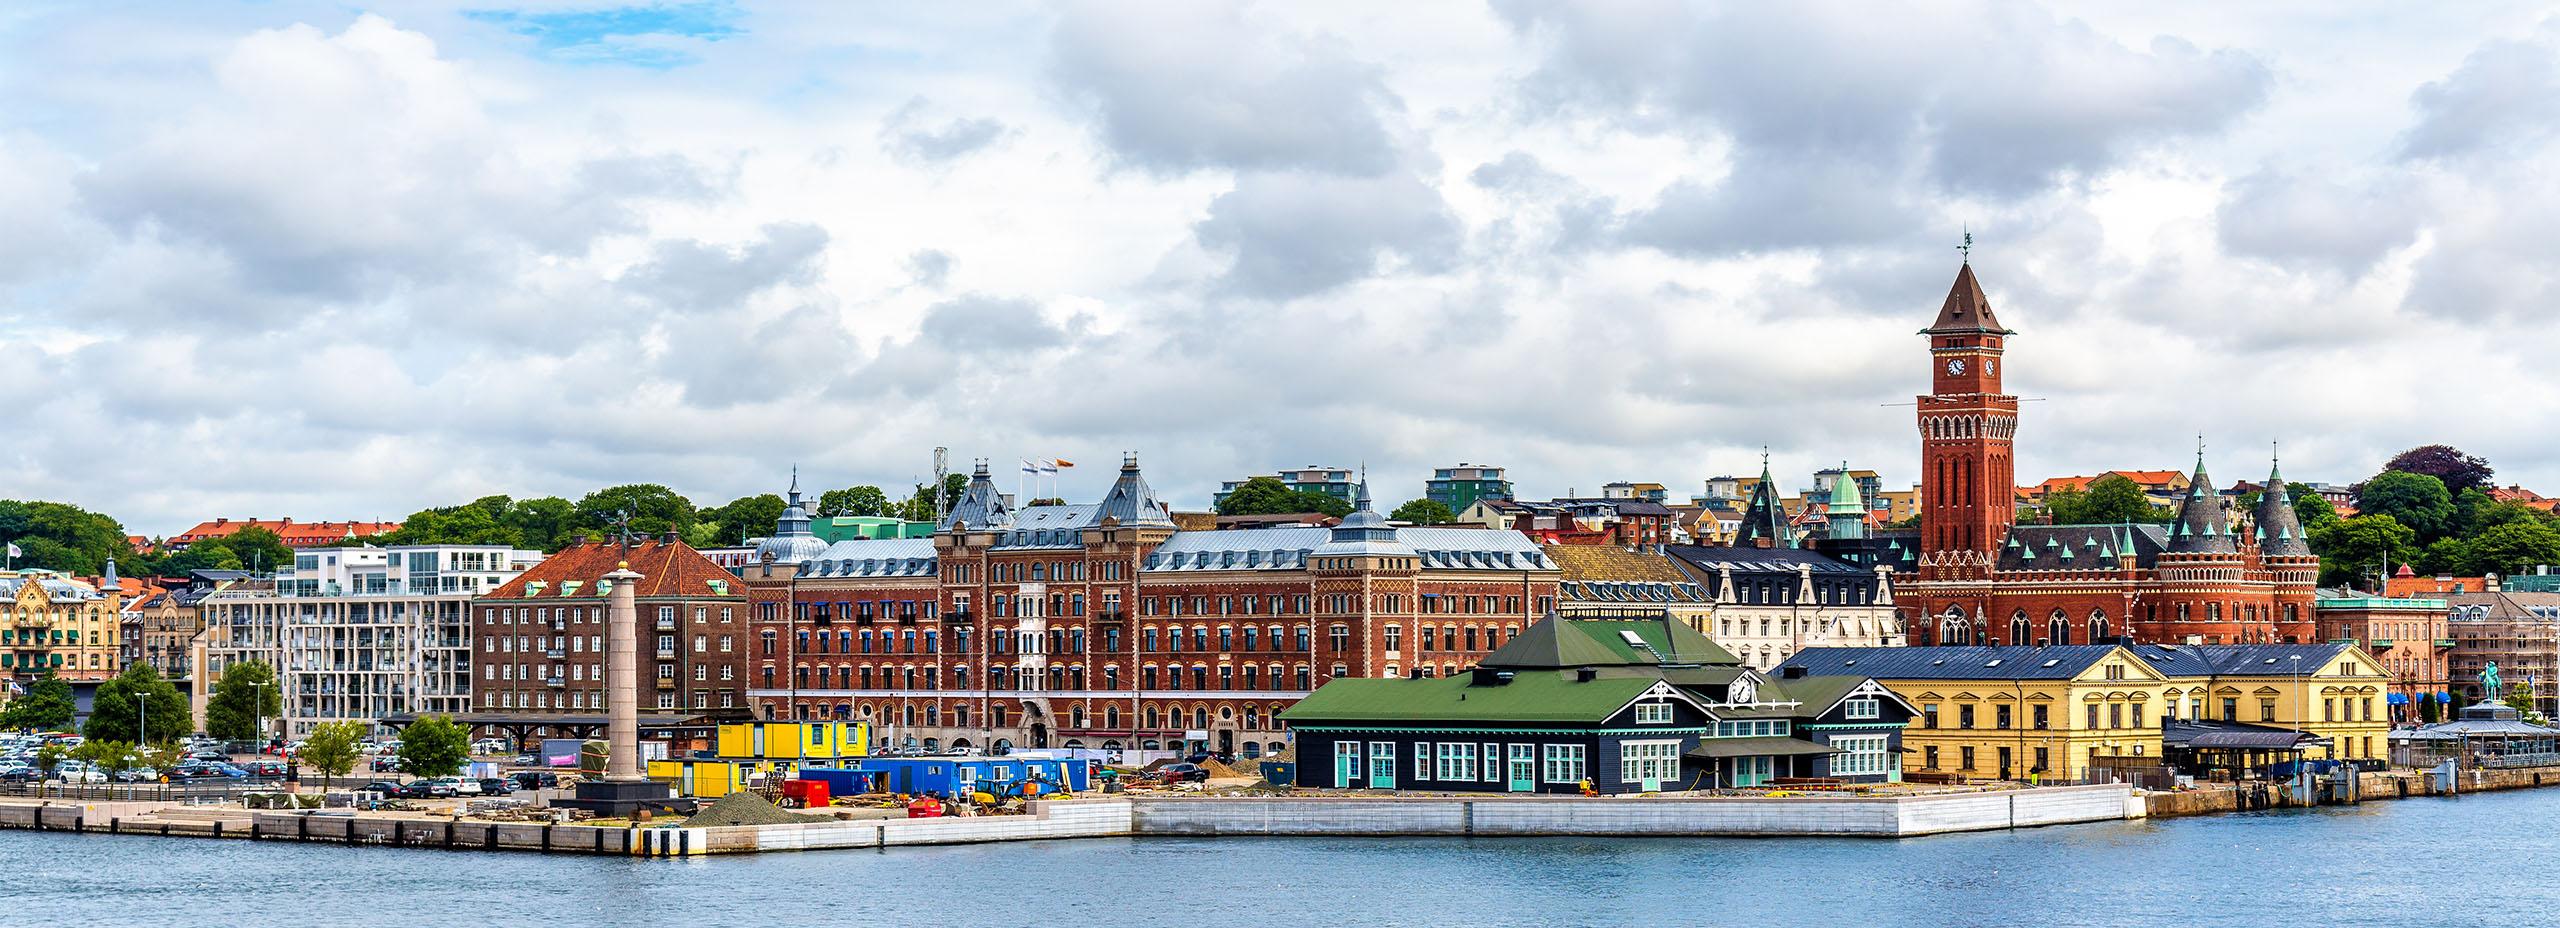 Helsingborg centrum